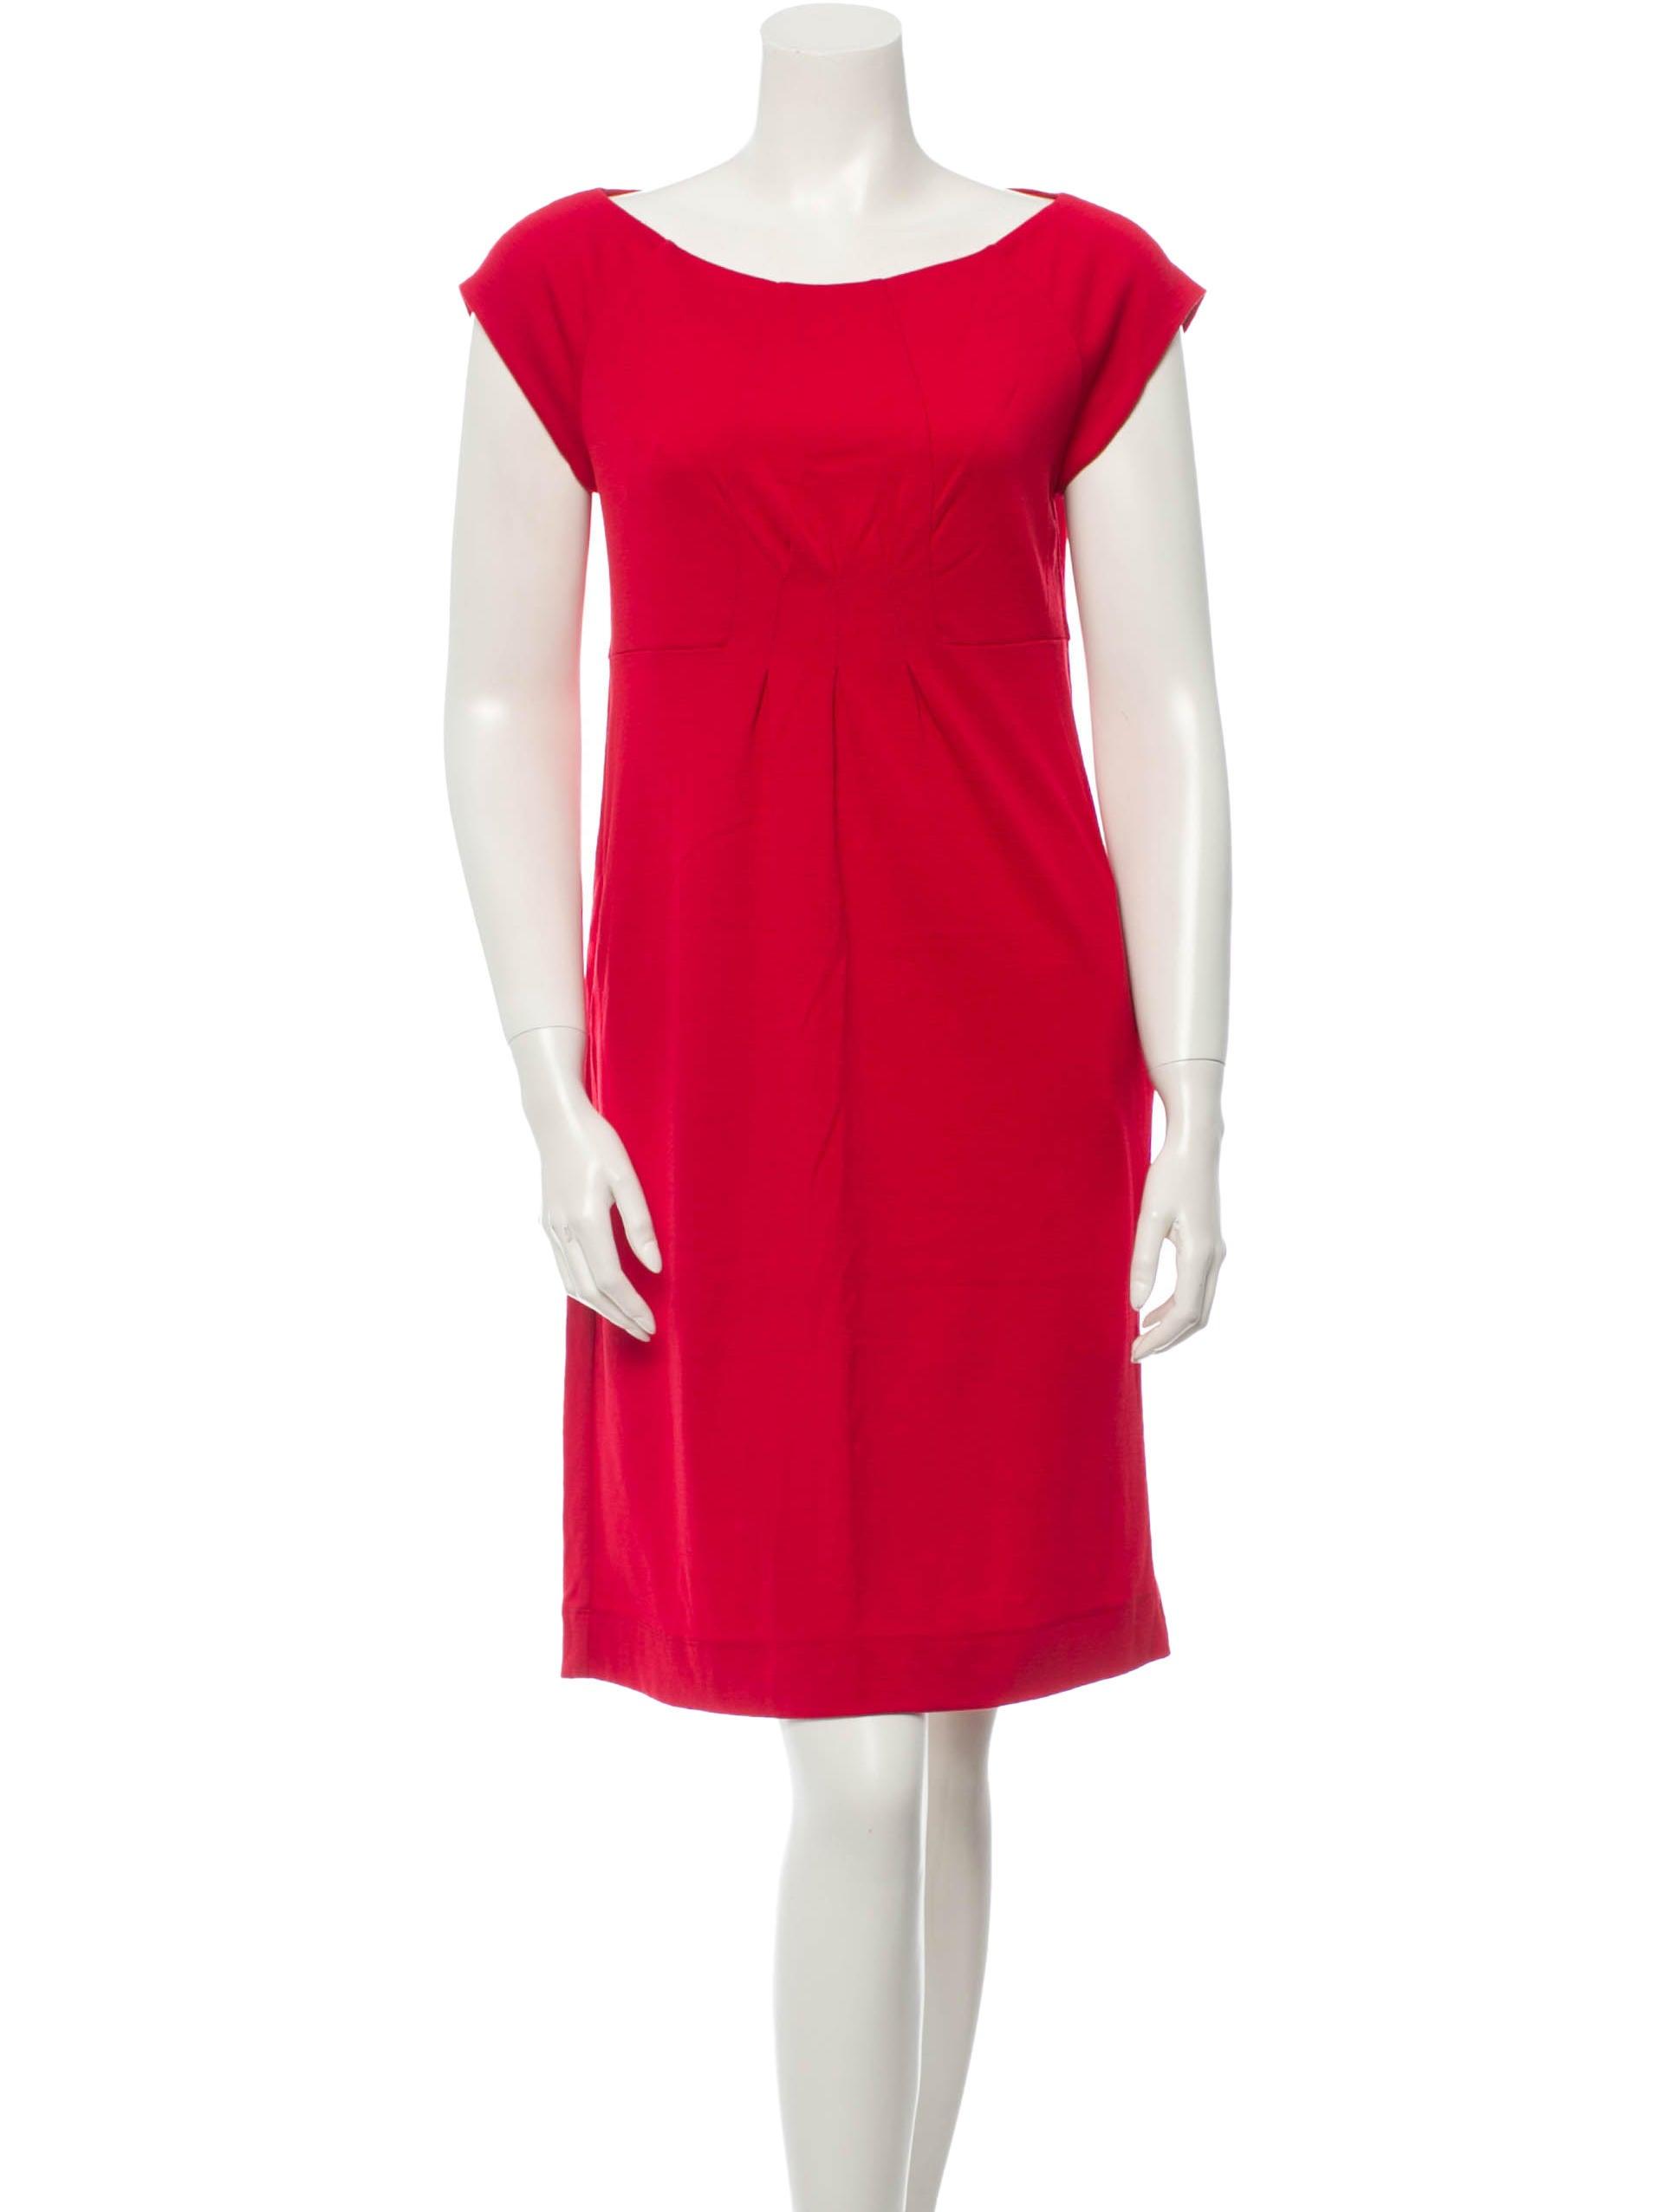 Diane von furstenberg dress clothing wdi39099 the for Diane von furstenberg shirt